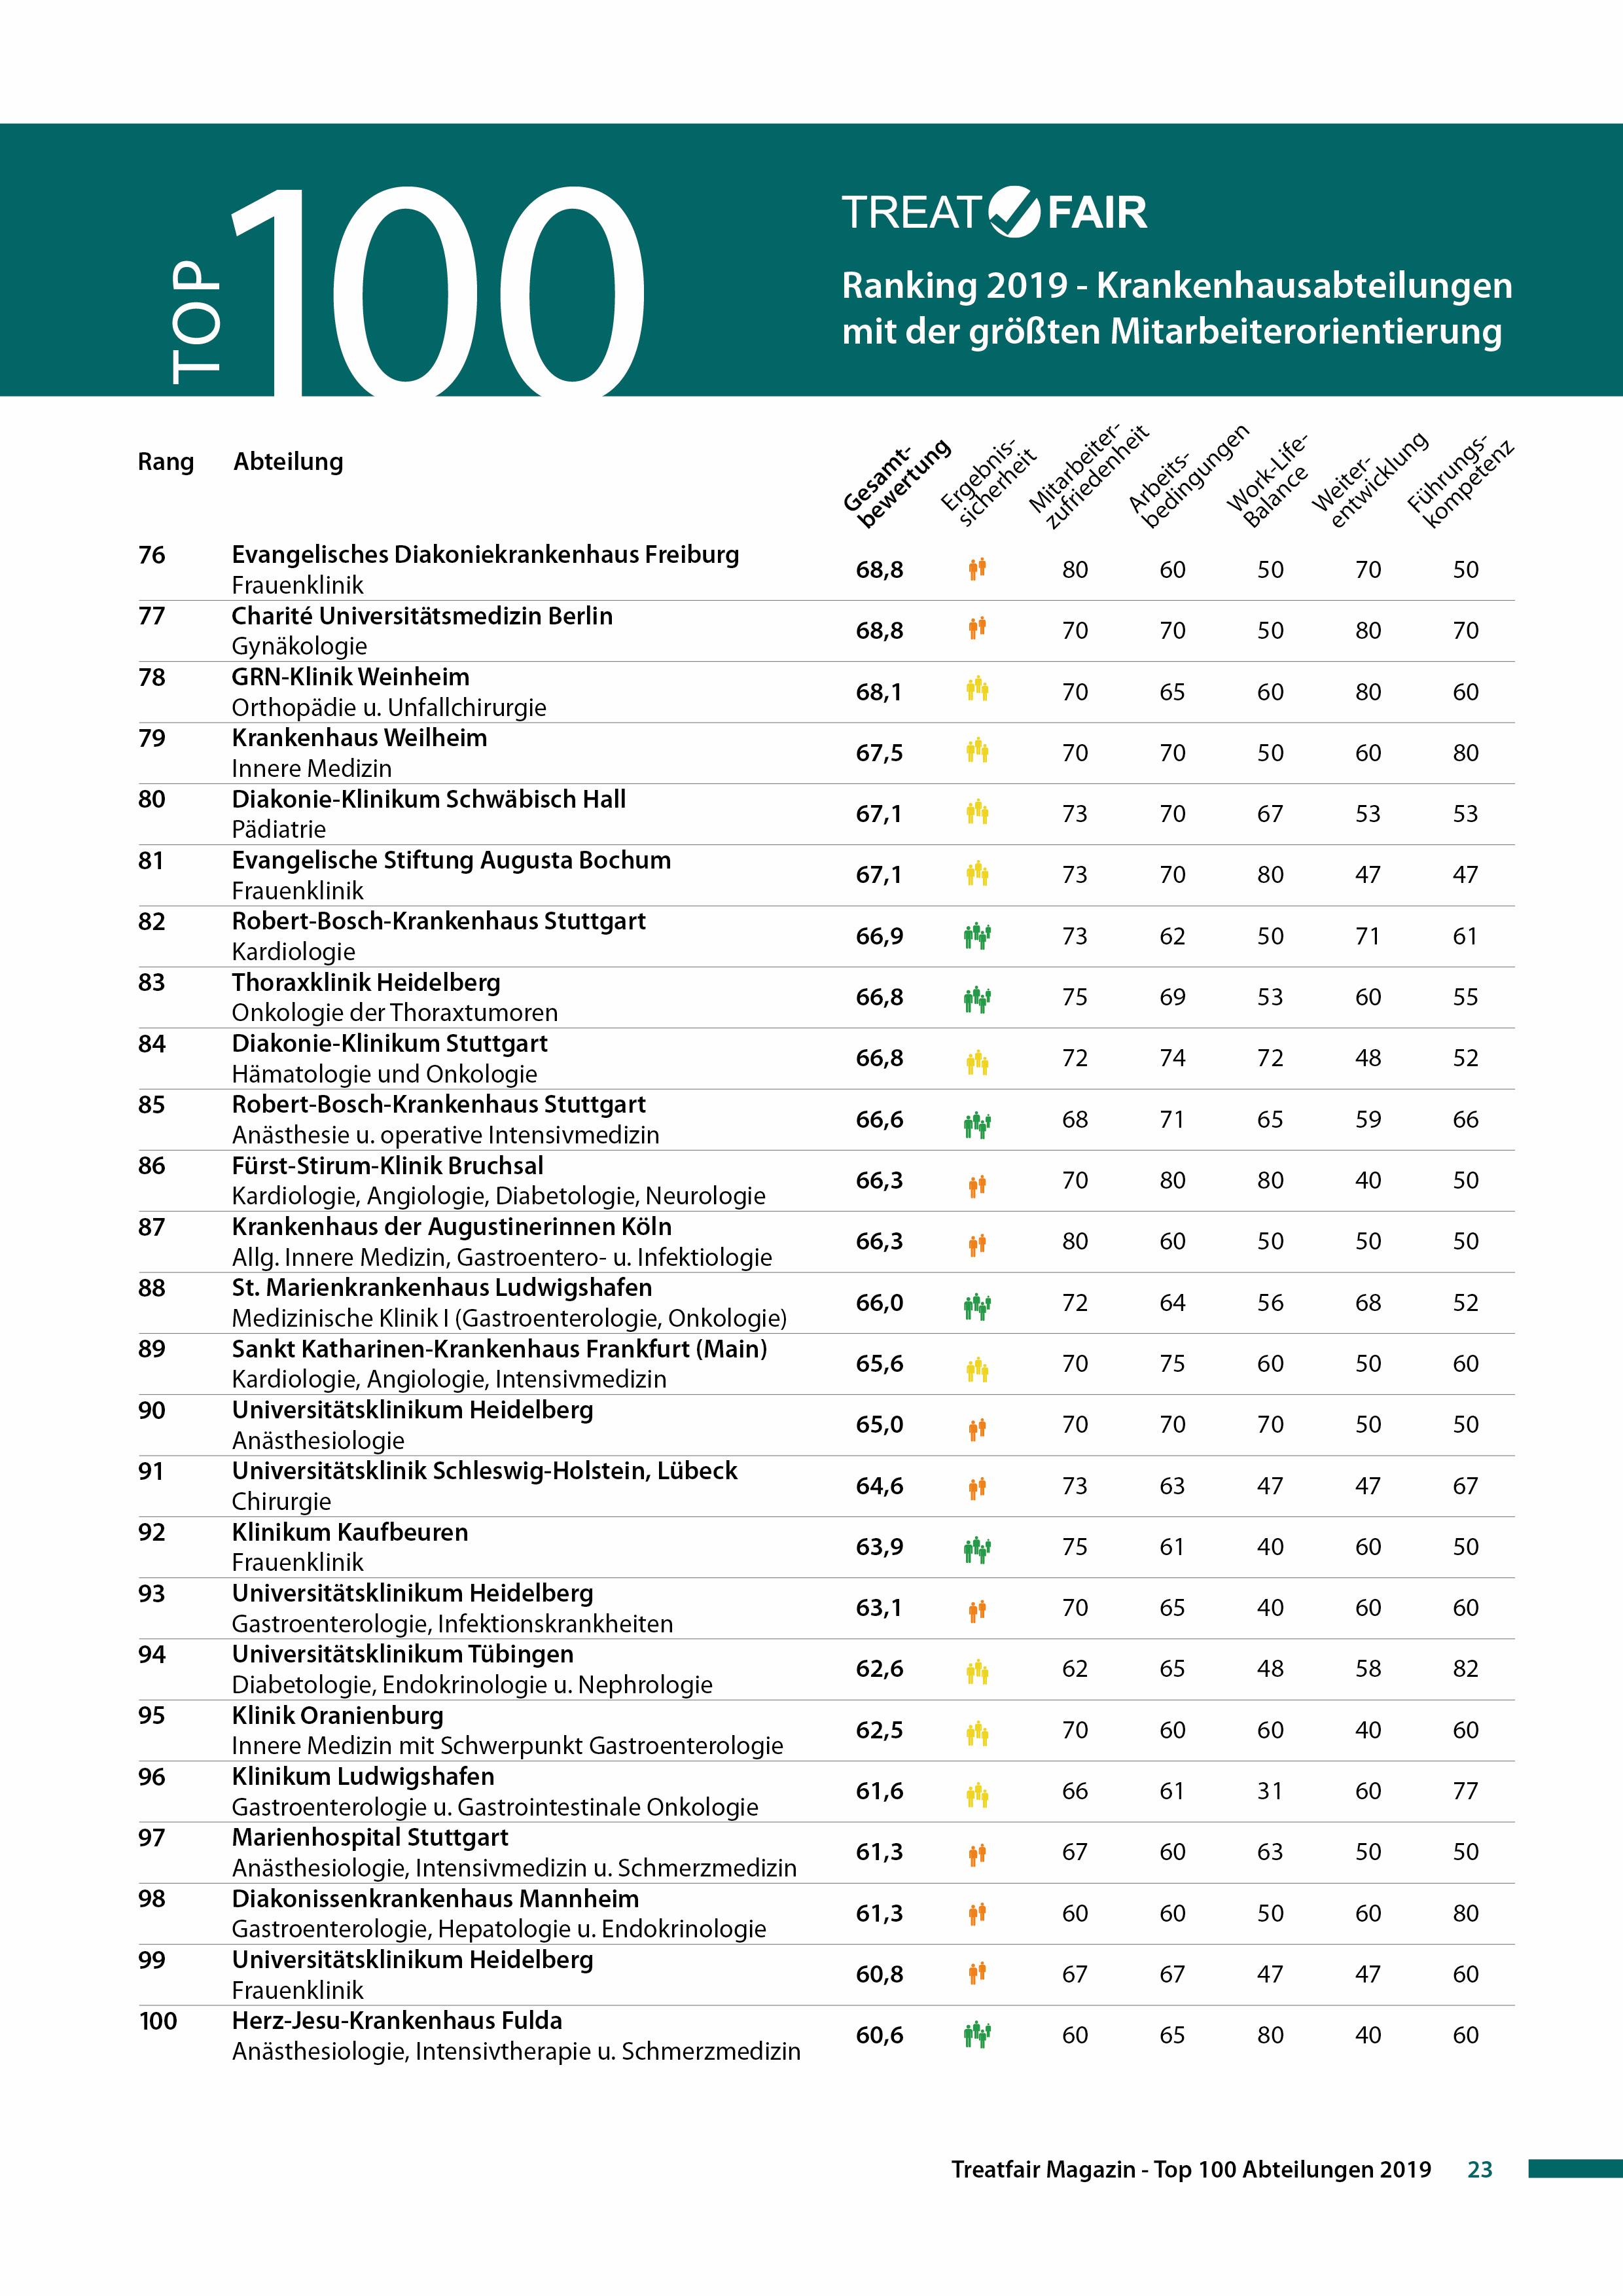 Treatfair Ranking 2019 Top 100 Seite 4.jpg